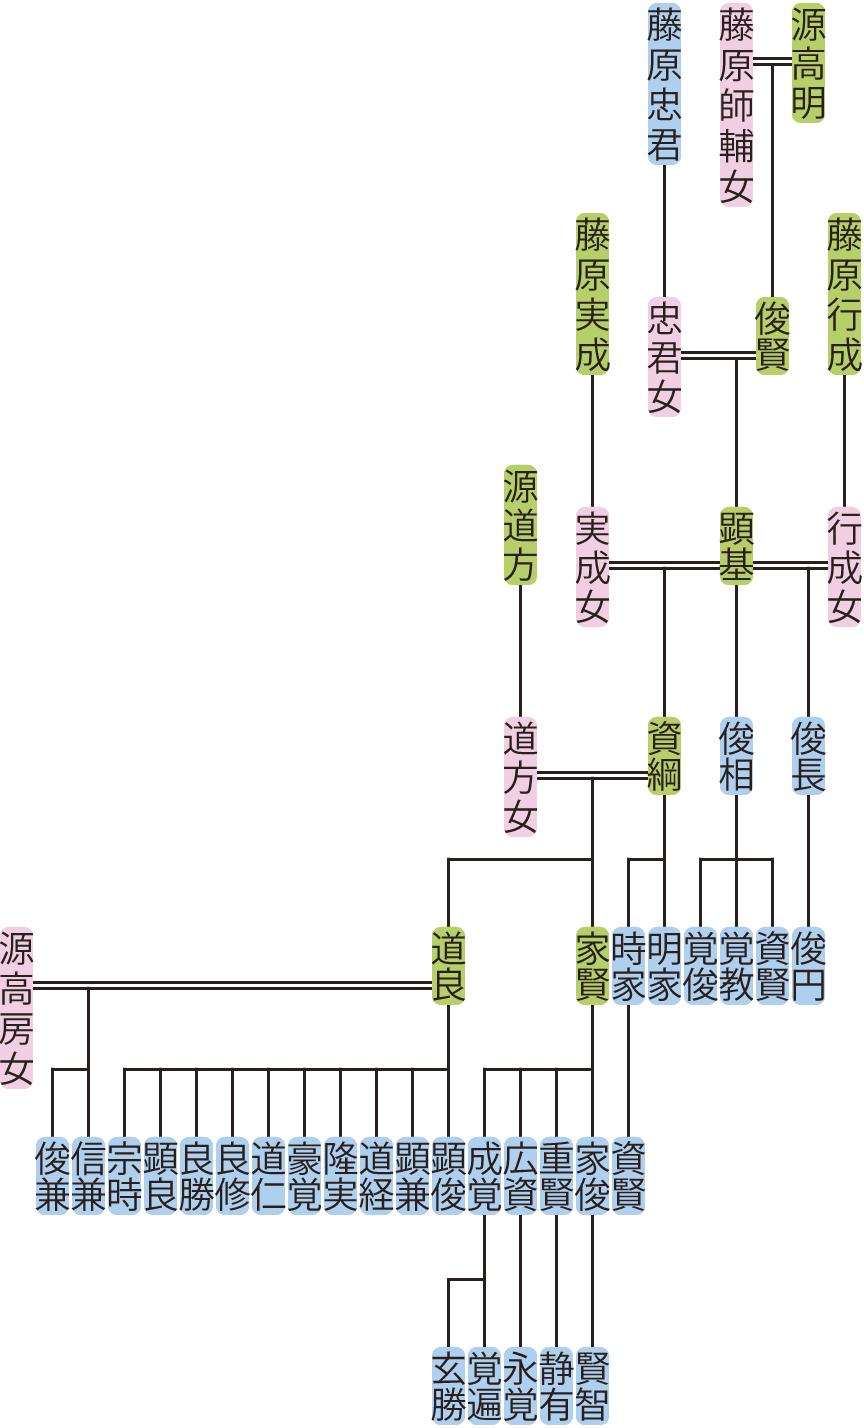 源顕基の系図